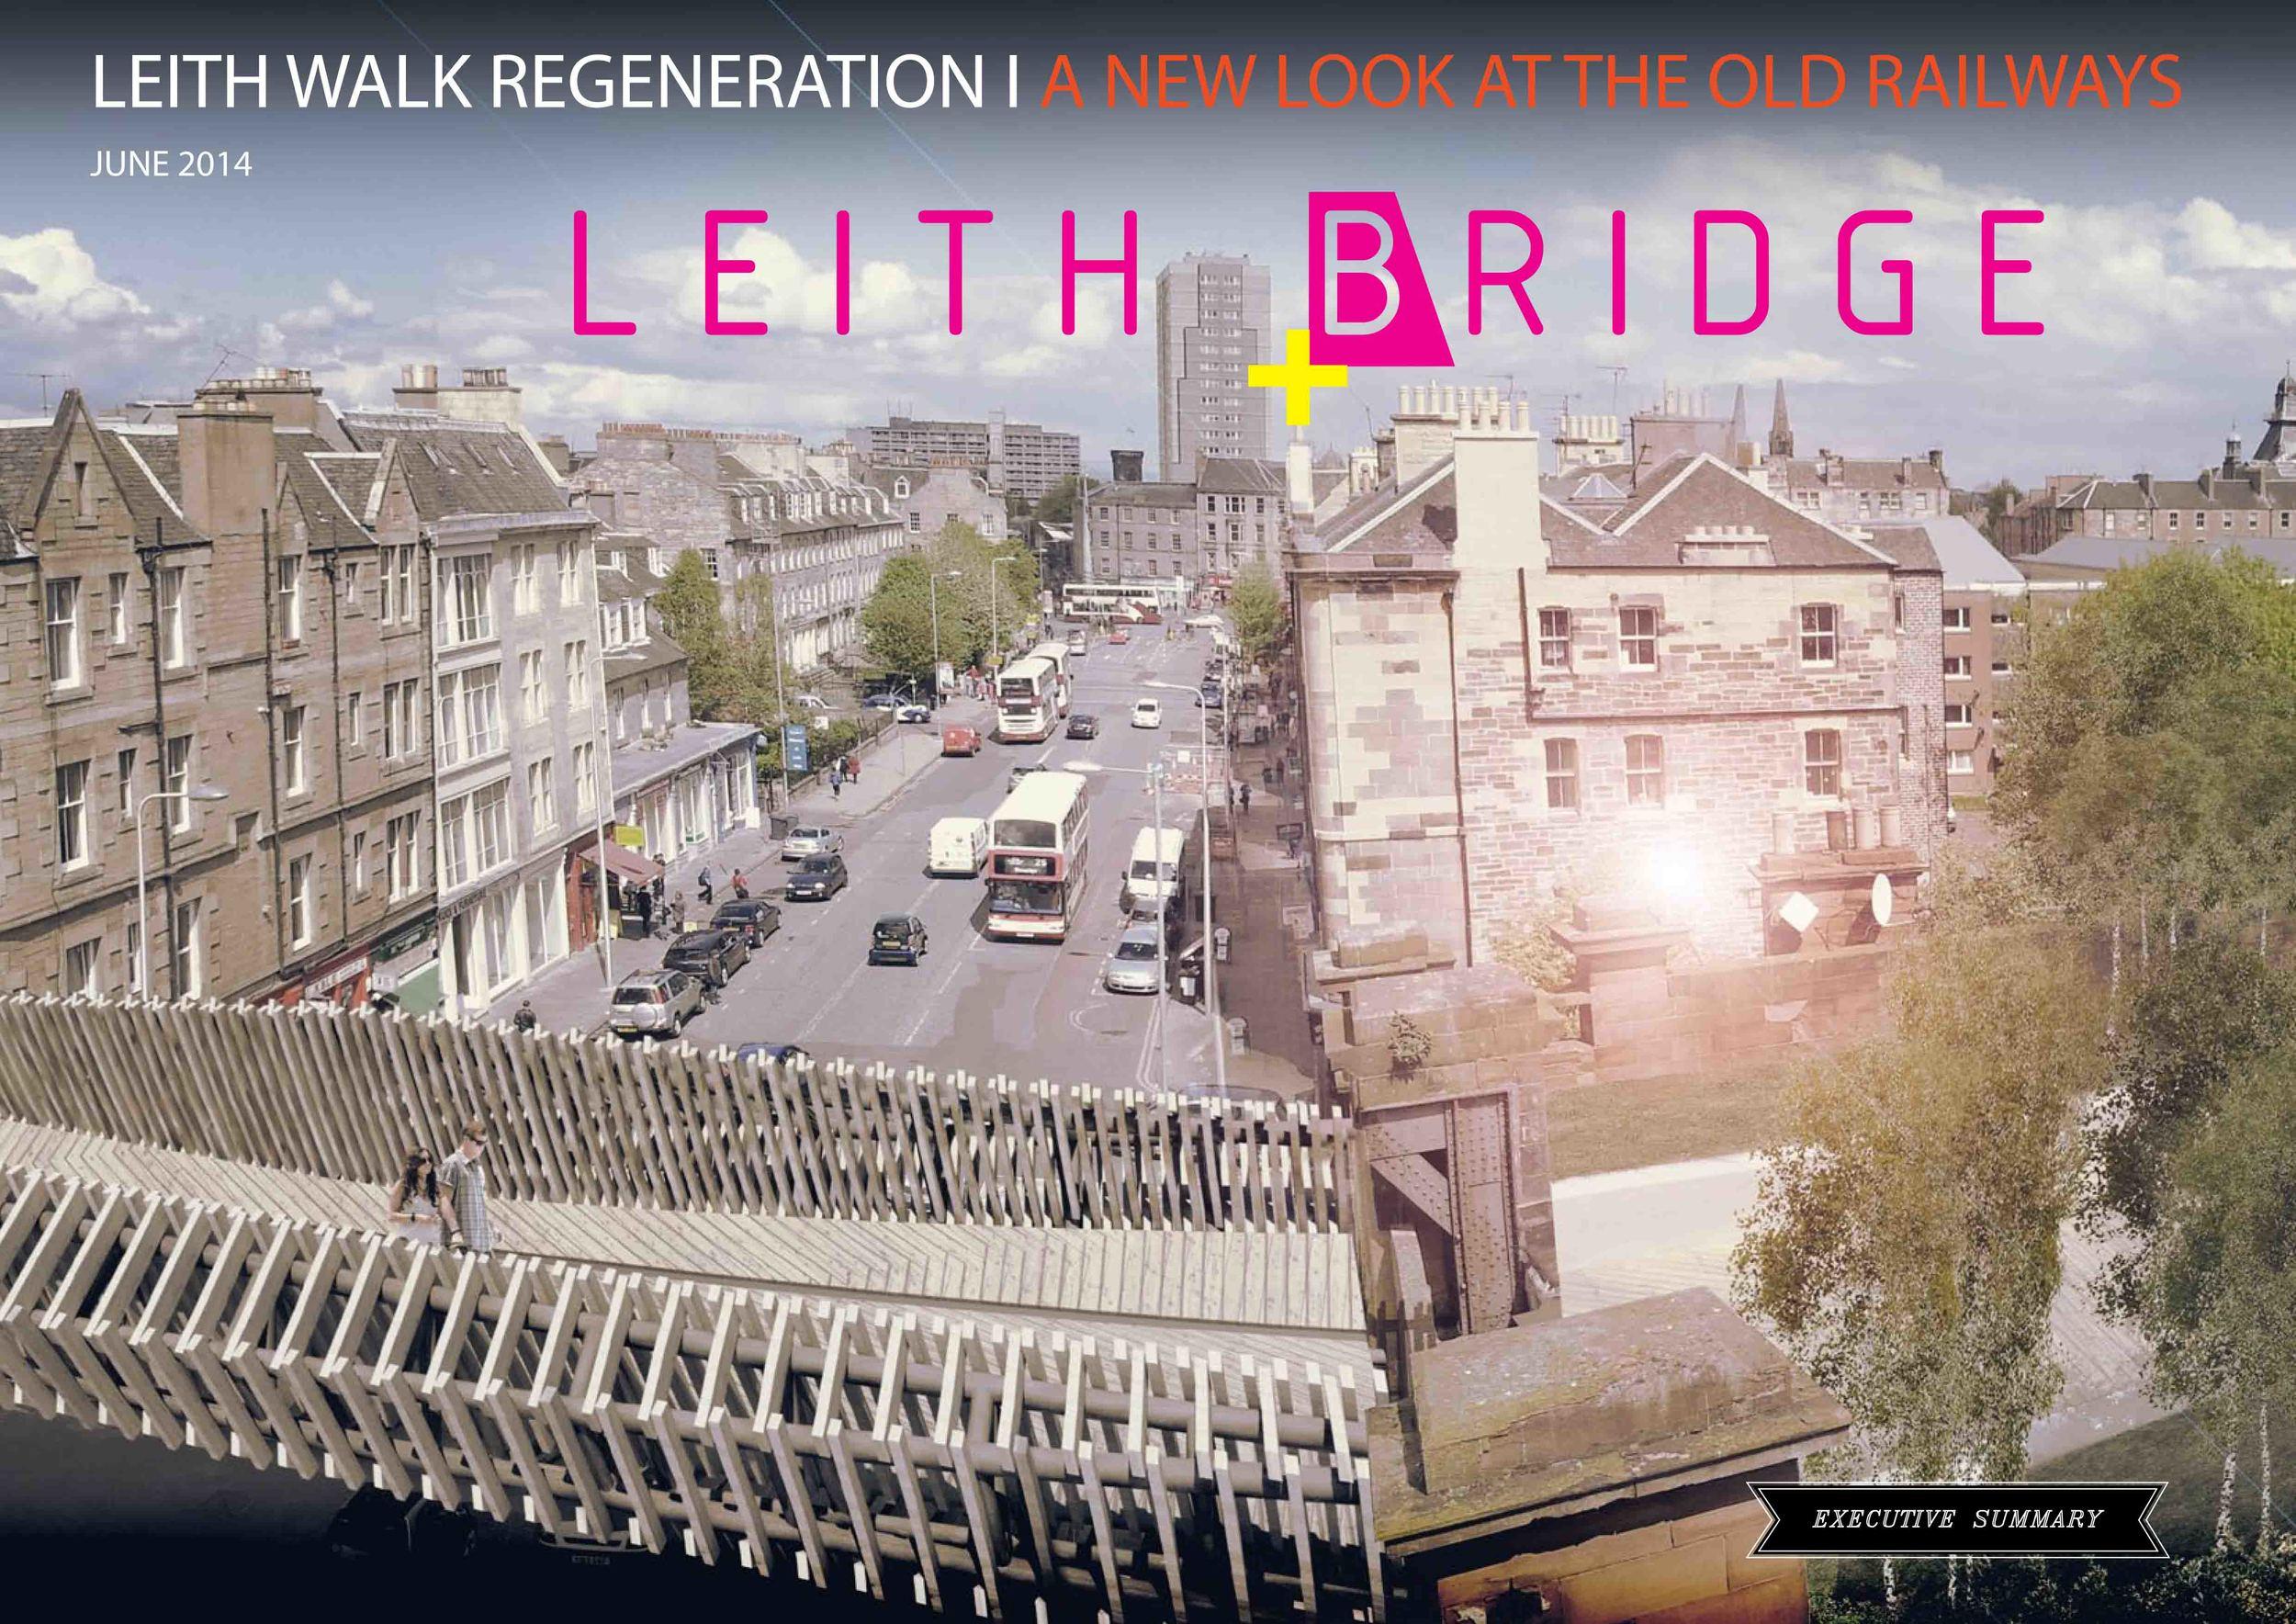 website 65 leith bridge.jpg